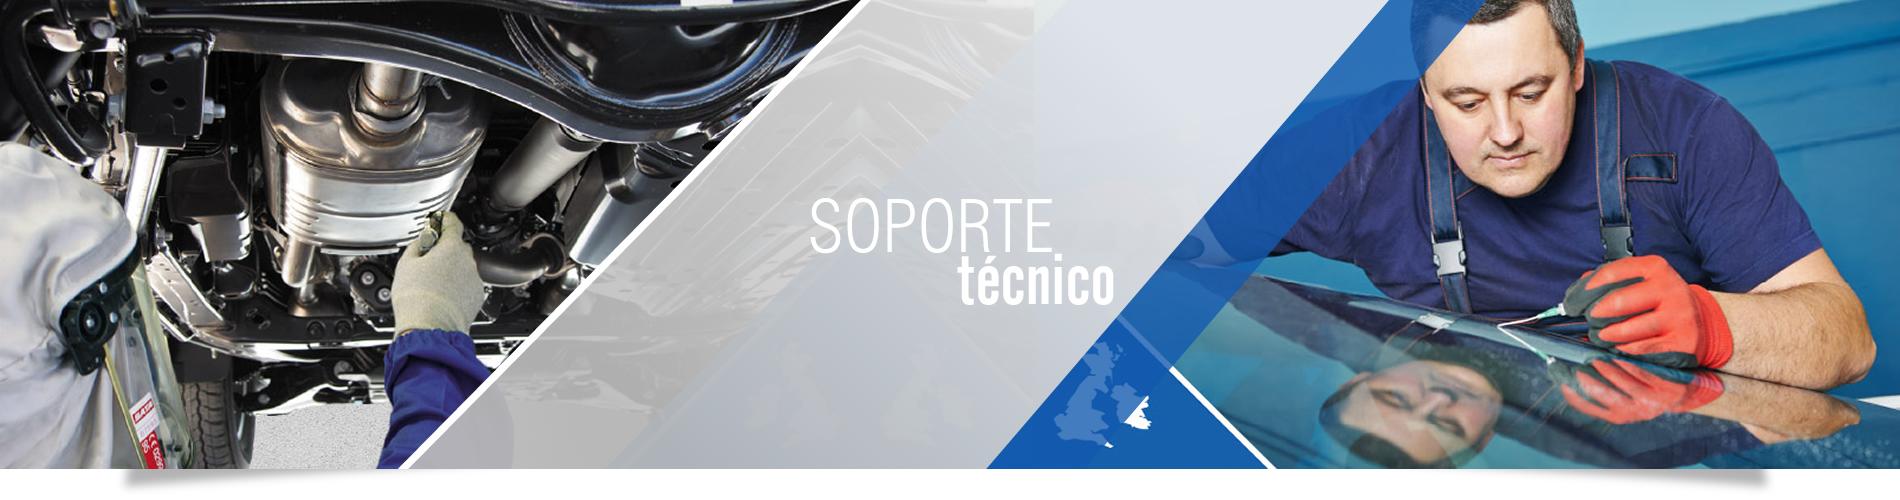 banner_soporte_tecnico